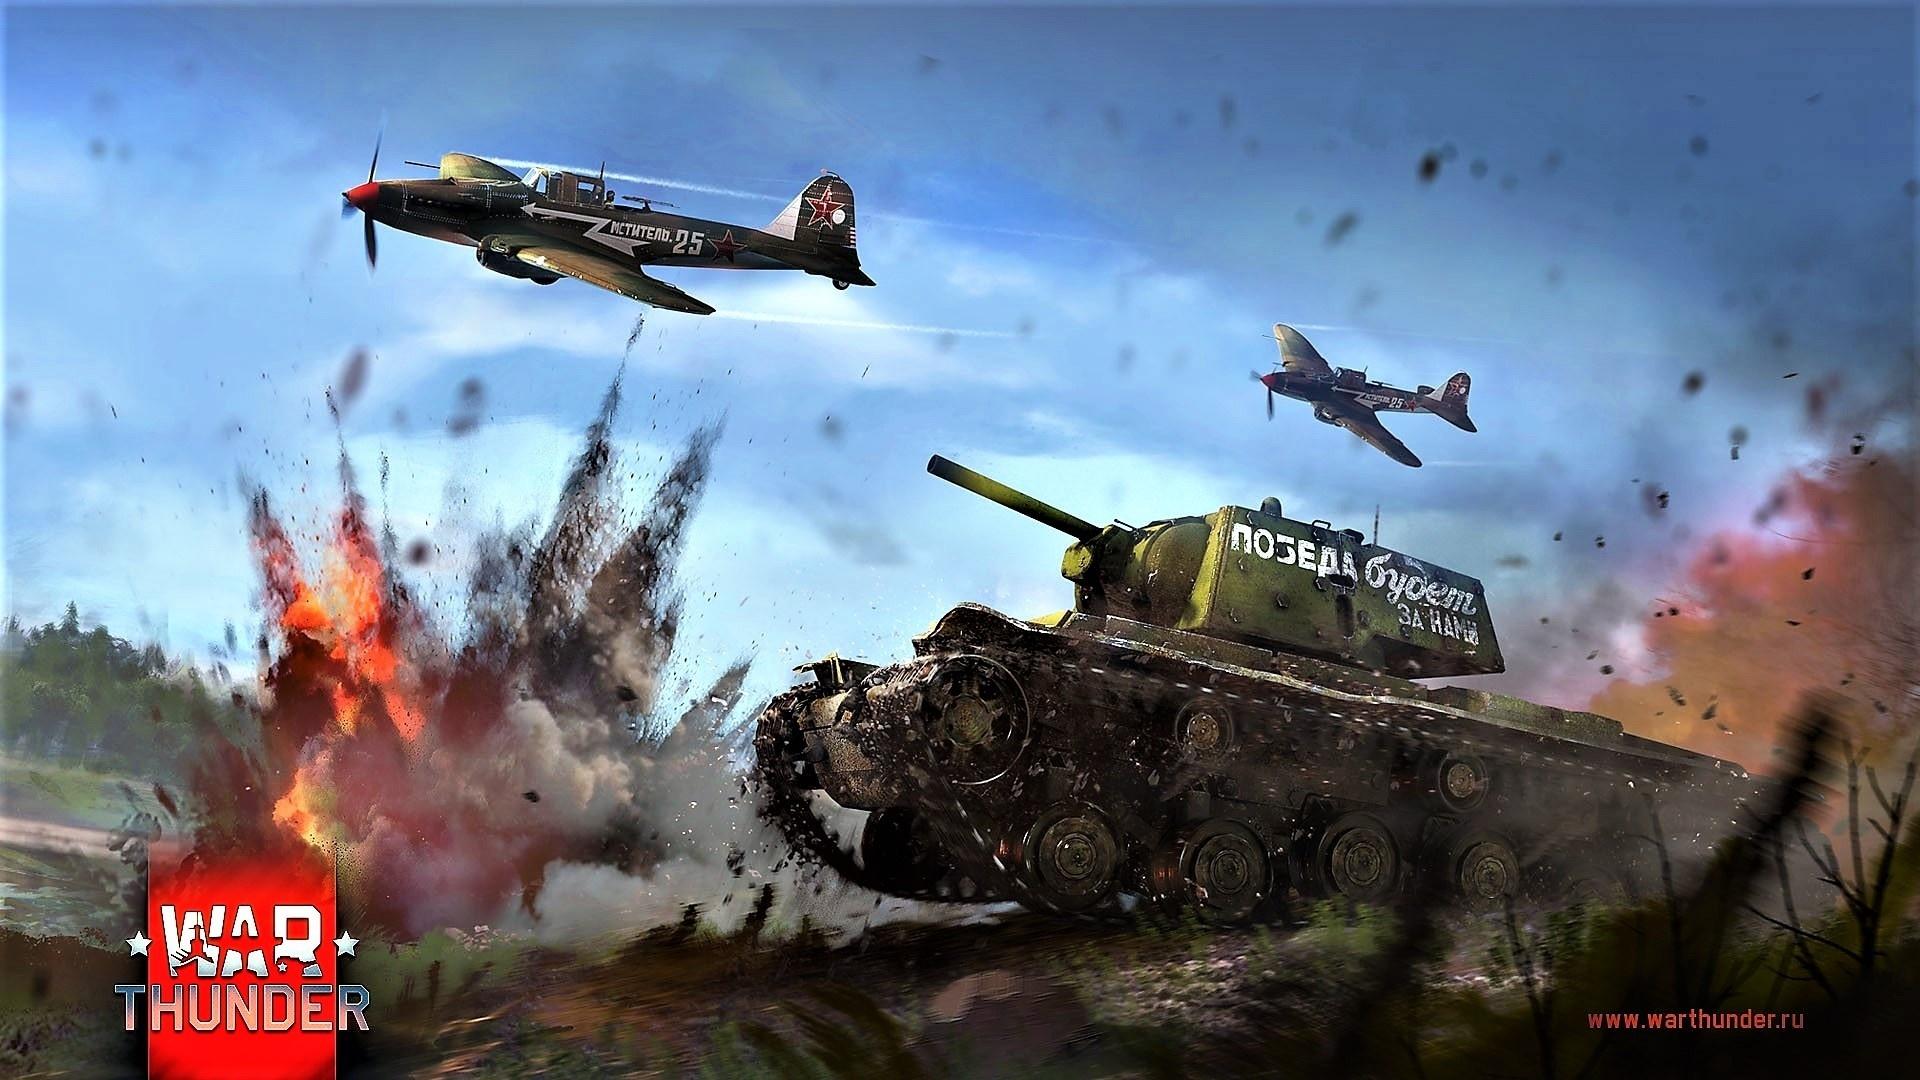 Картинки с войной и танками и самолетами и с машинами